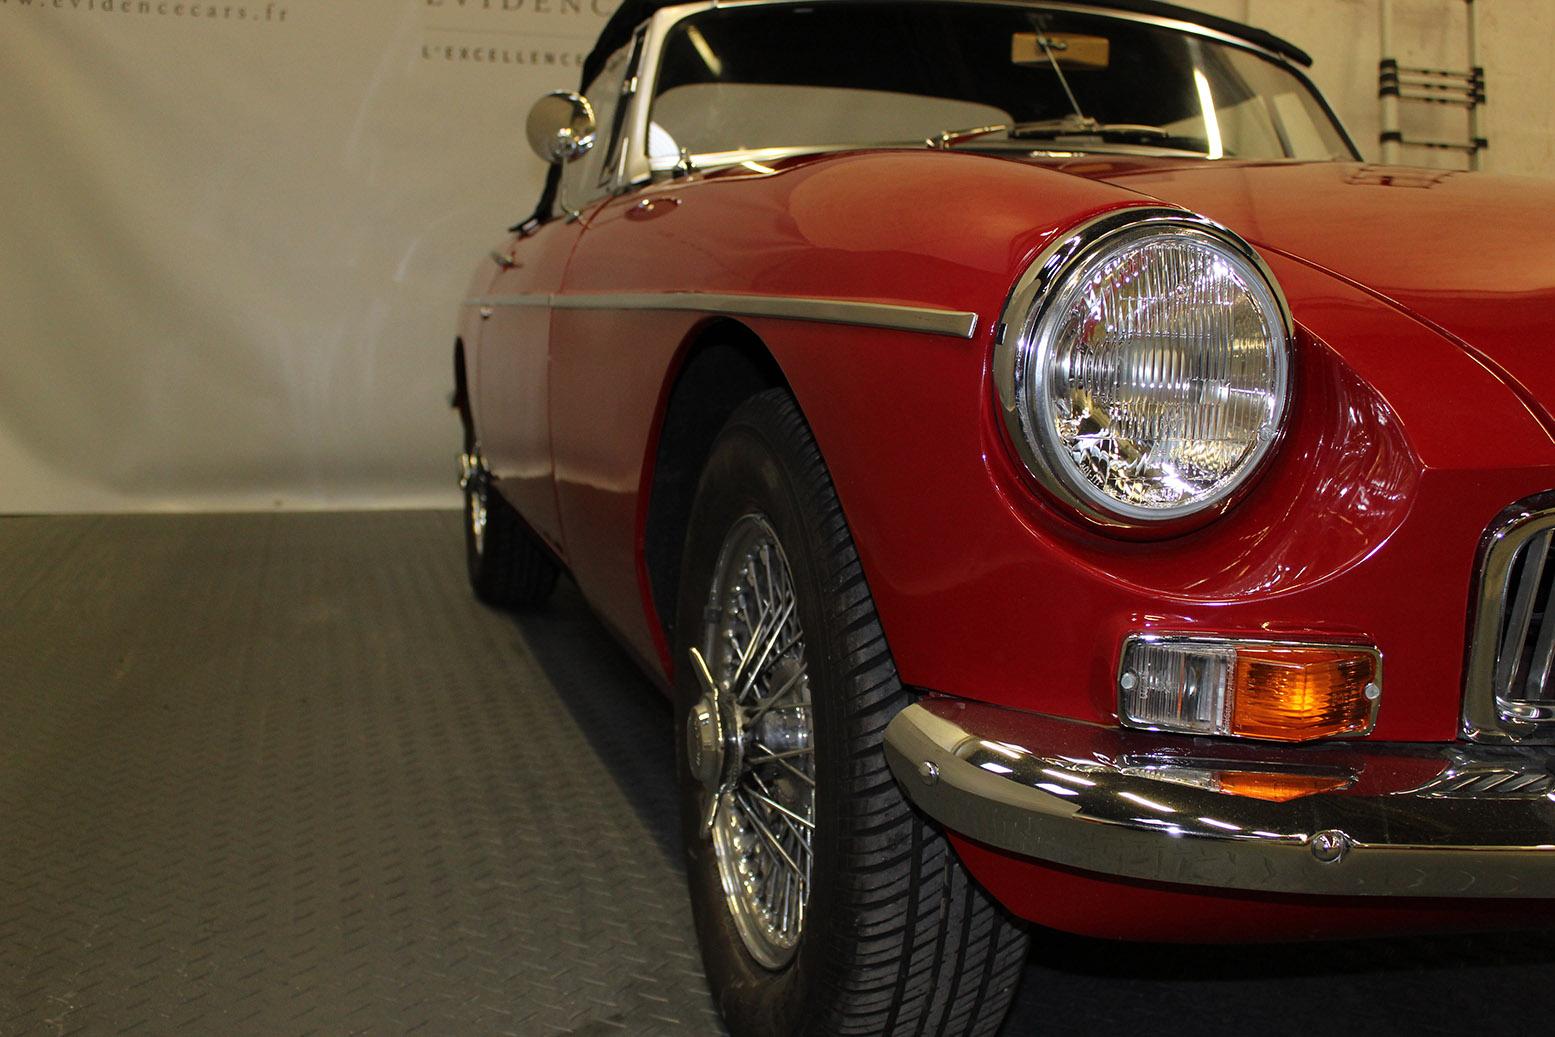 mgb red de 1967 vendre voitures classiques et de collection. Black Bedroom Furniture Sets. Home Design Ideas